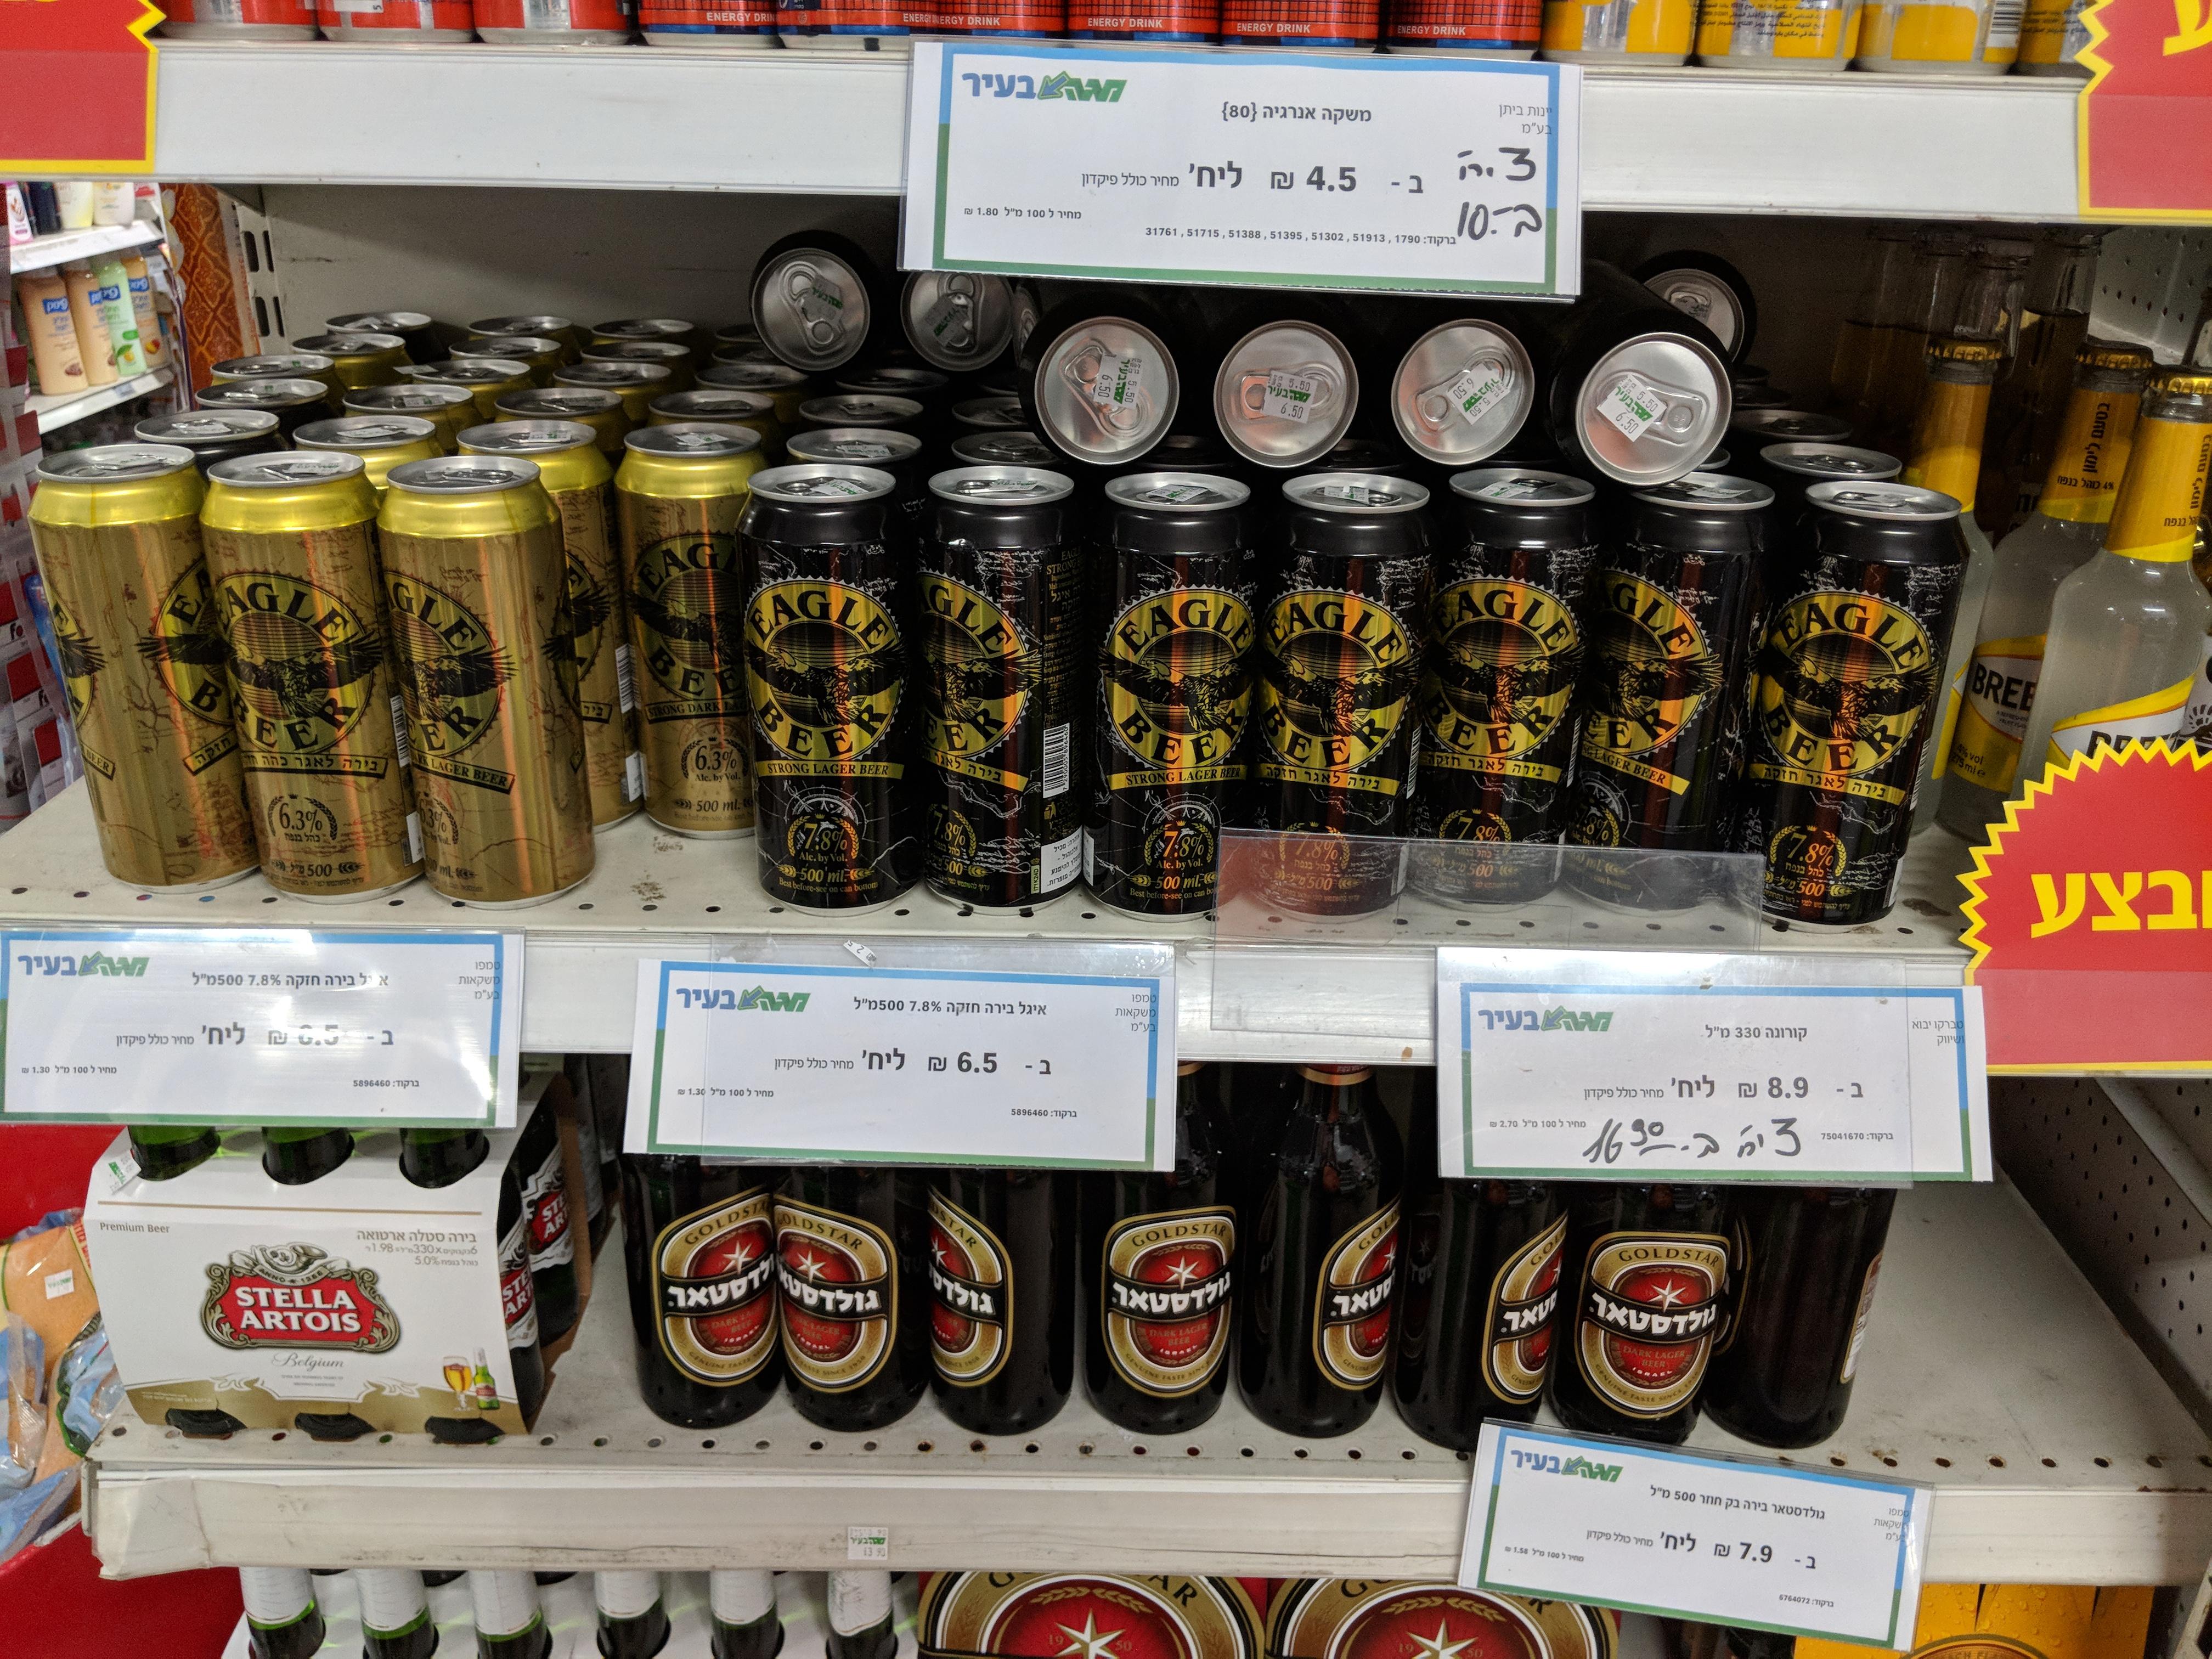 מוצרים בסניף של רשת מגה (צילום: אודליה ממן, מתוך כתב התביעה)